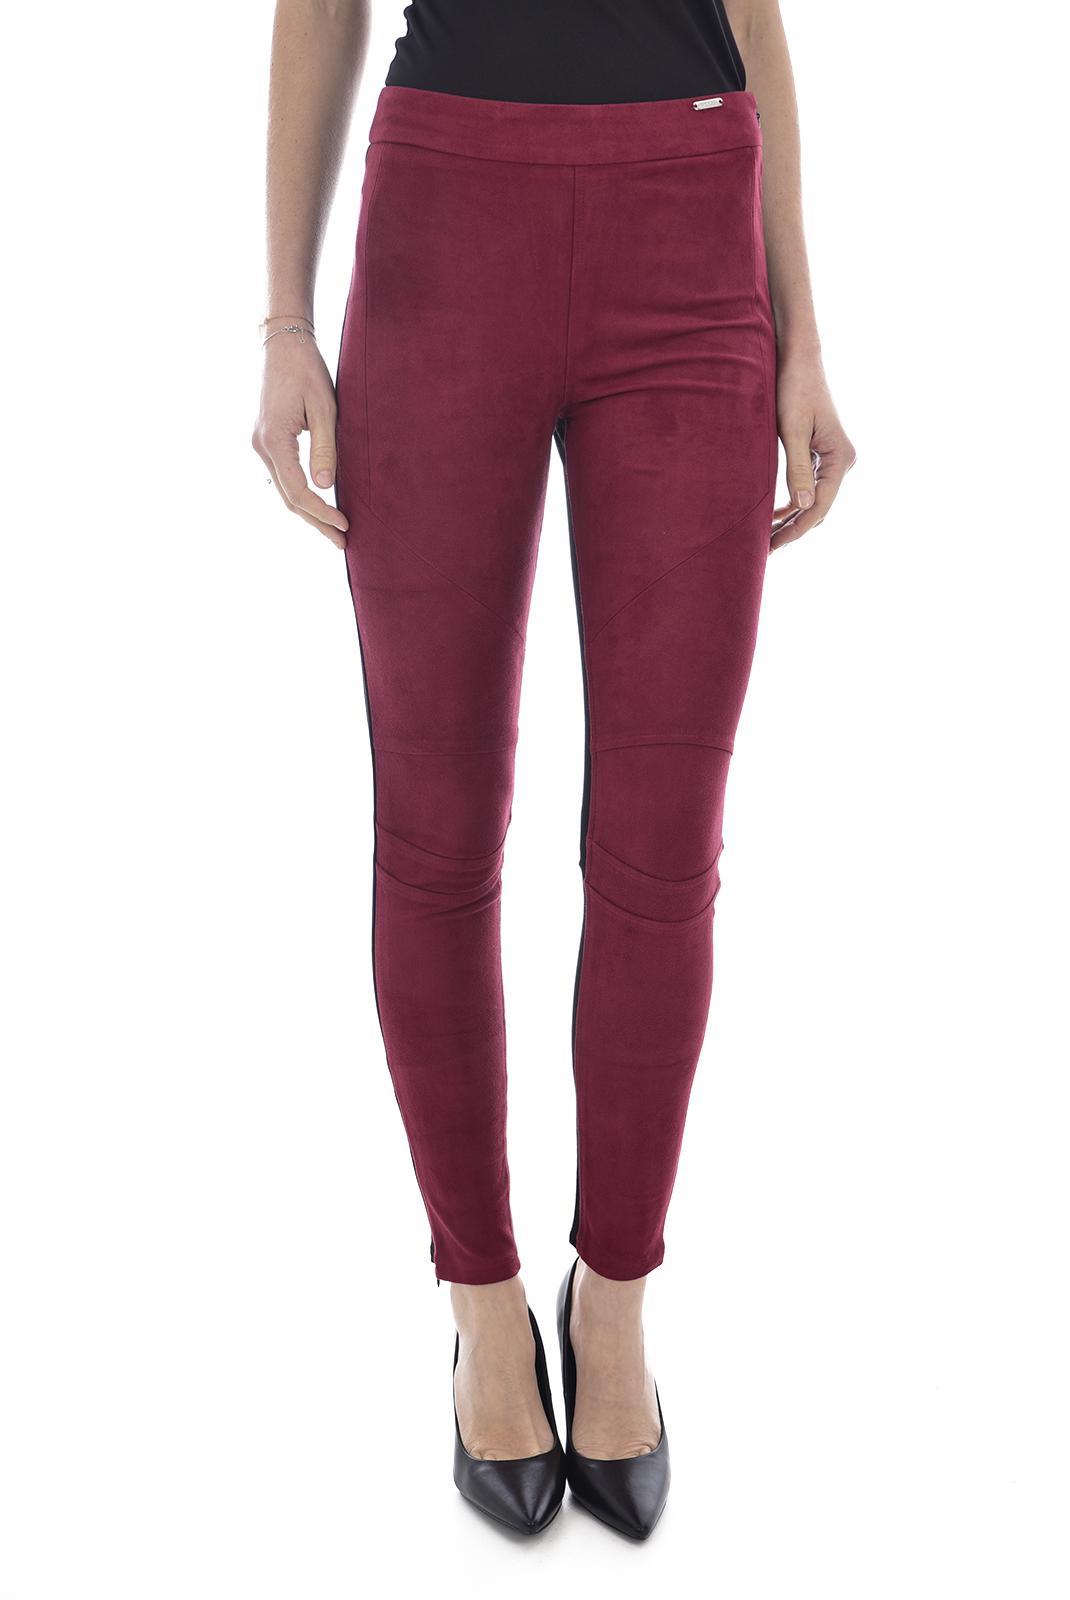 Pantalons  Guess jeans W81B02K6N80 A996 JET BLACK